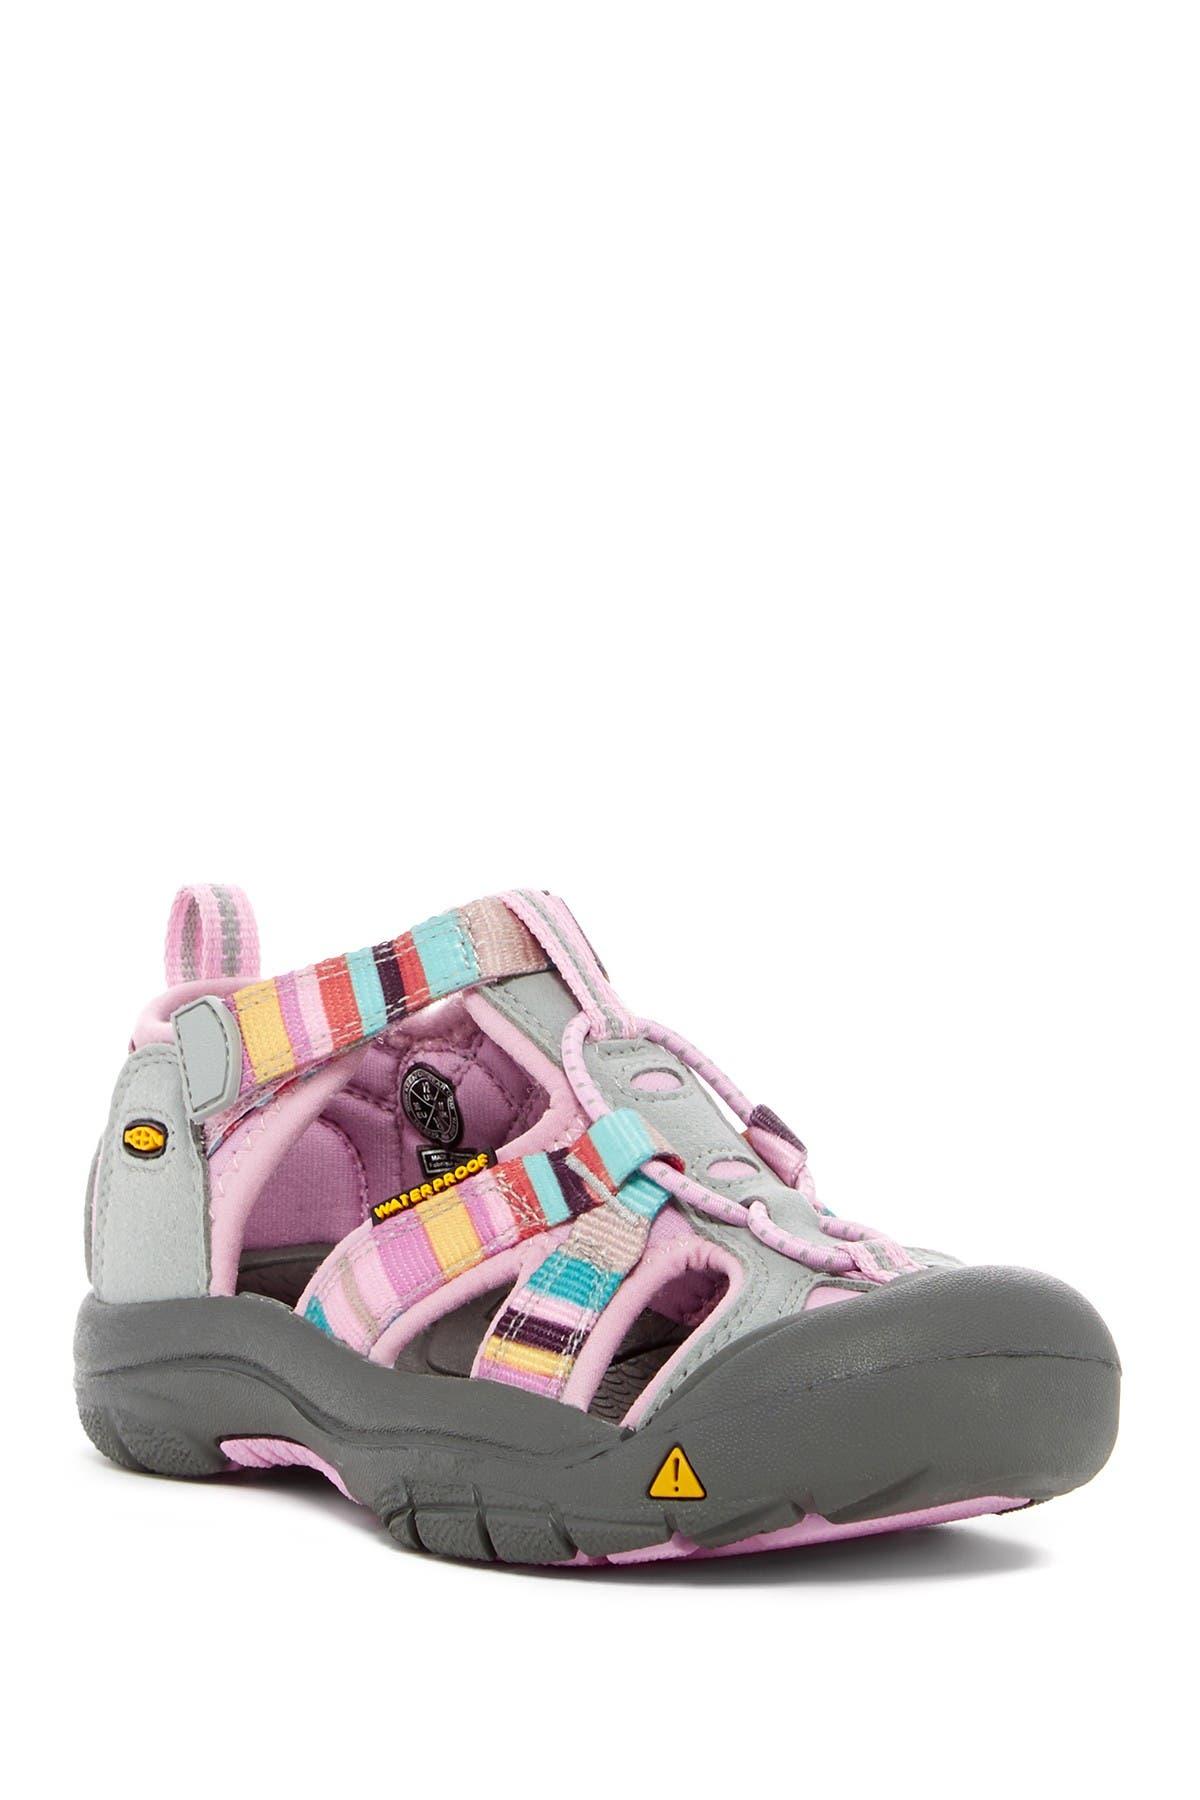 Image of Keen Venice H2 Waterproof Sandal